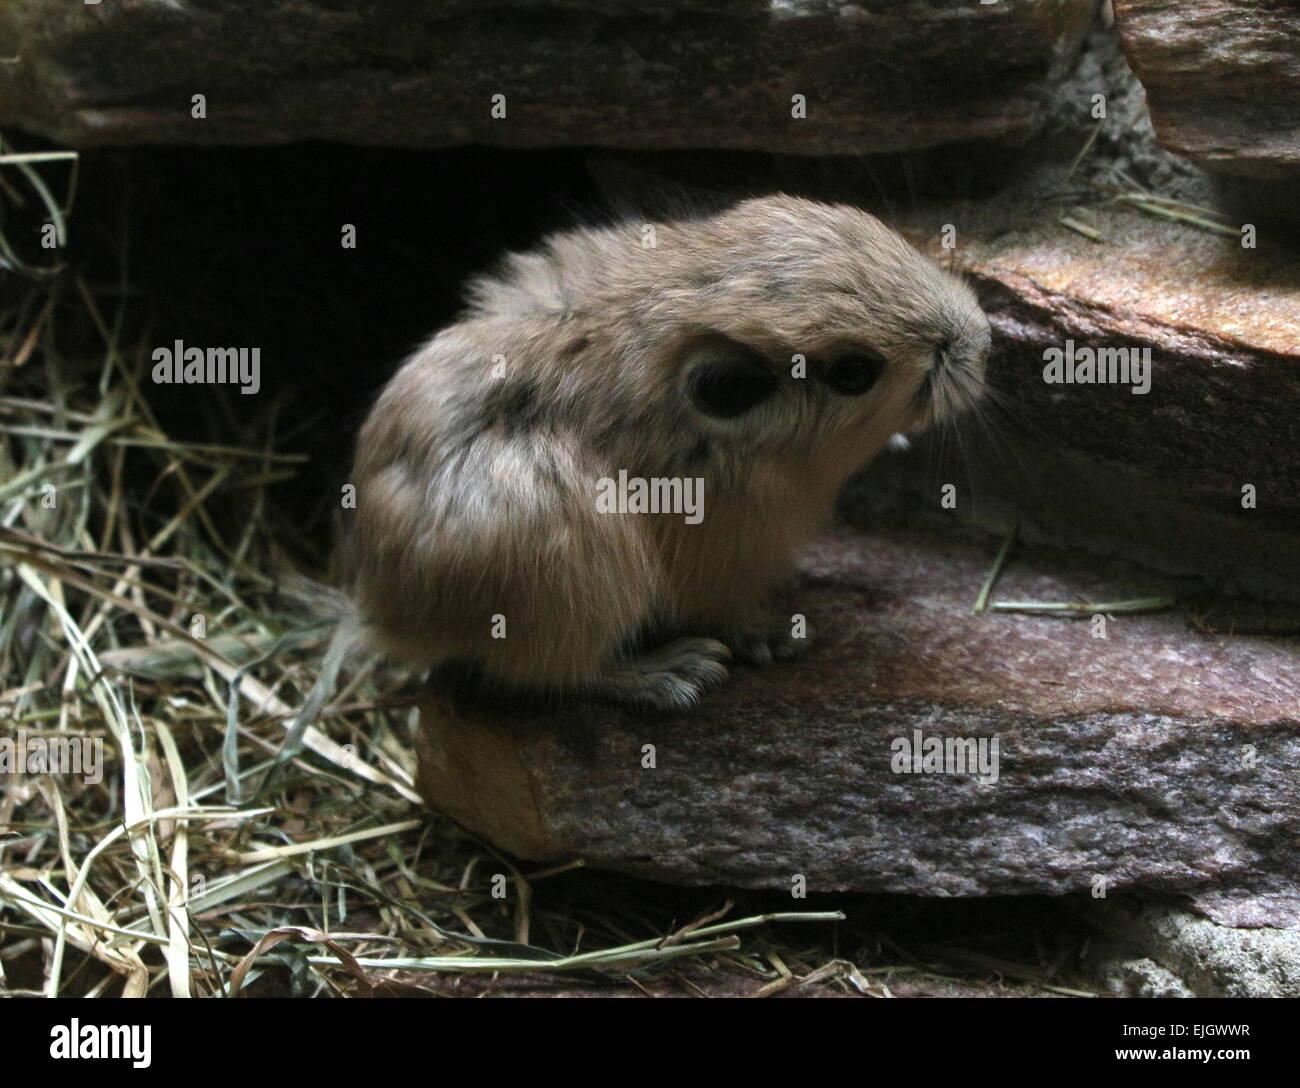 Very small juvenile North African Common Gundi (Ctenodactylus gundi) - Stock Image